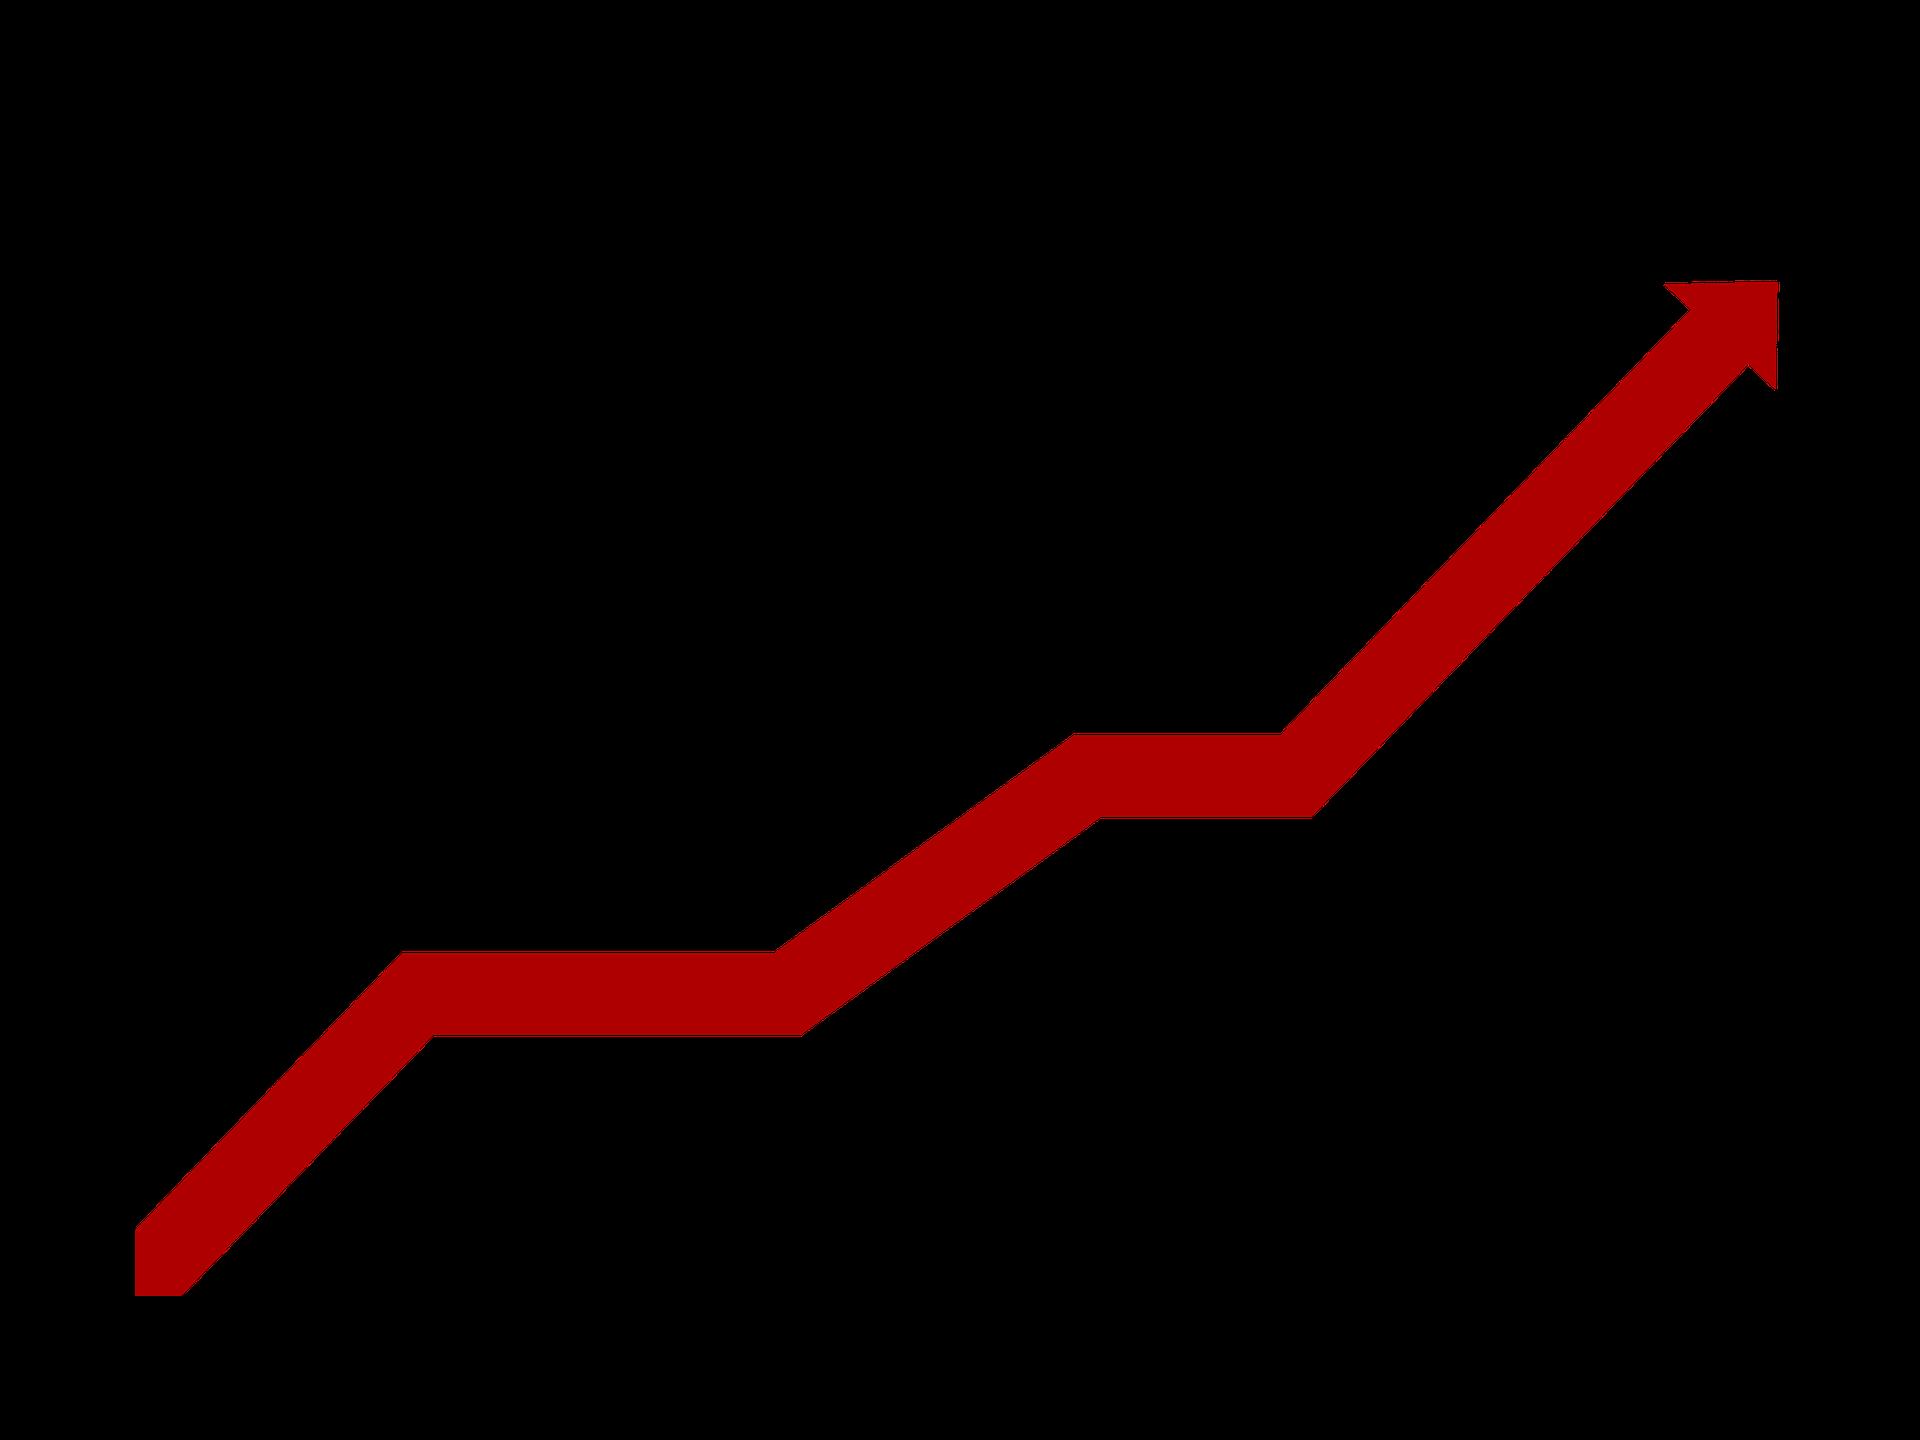 Profitability mistakes to avoid